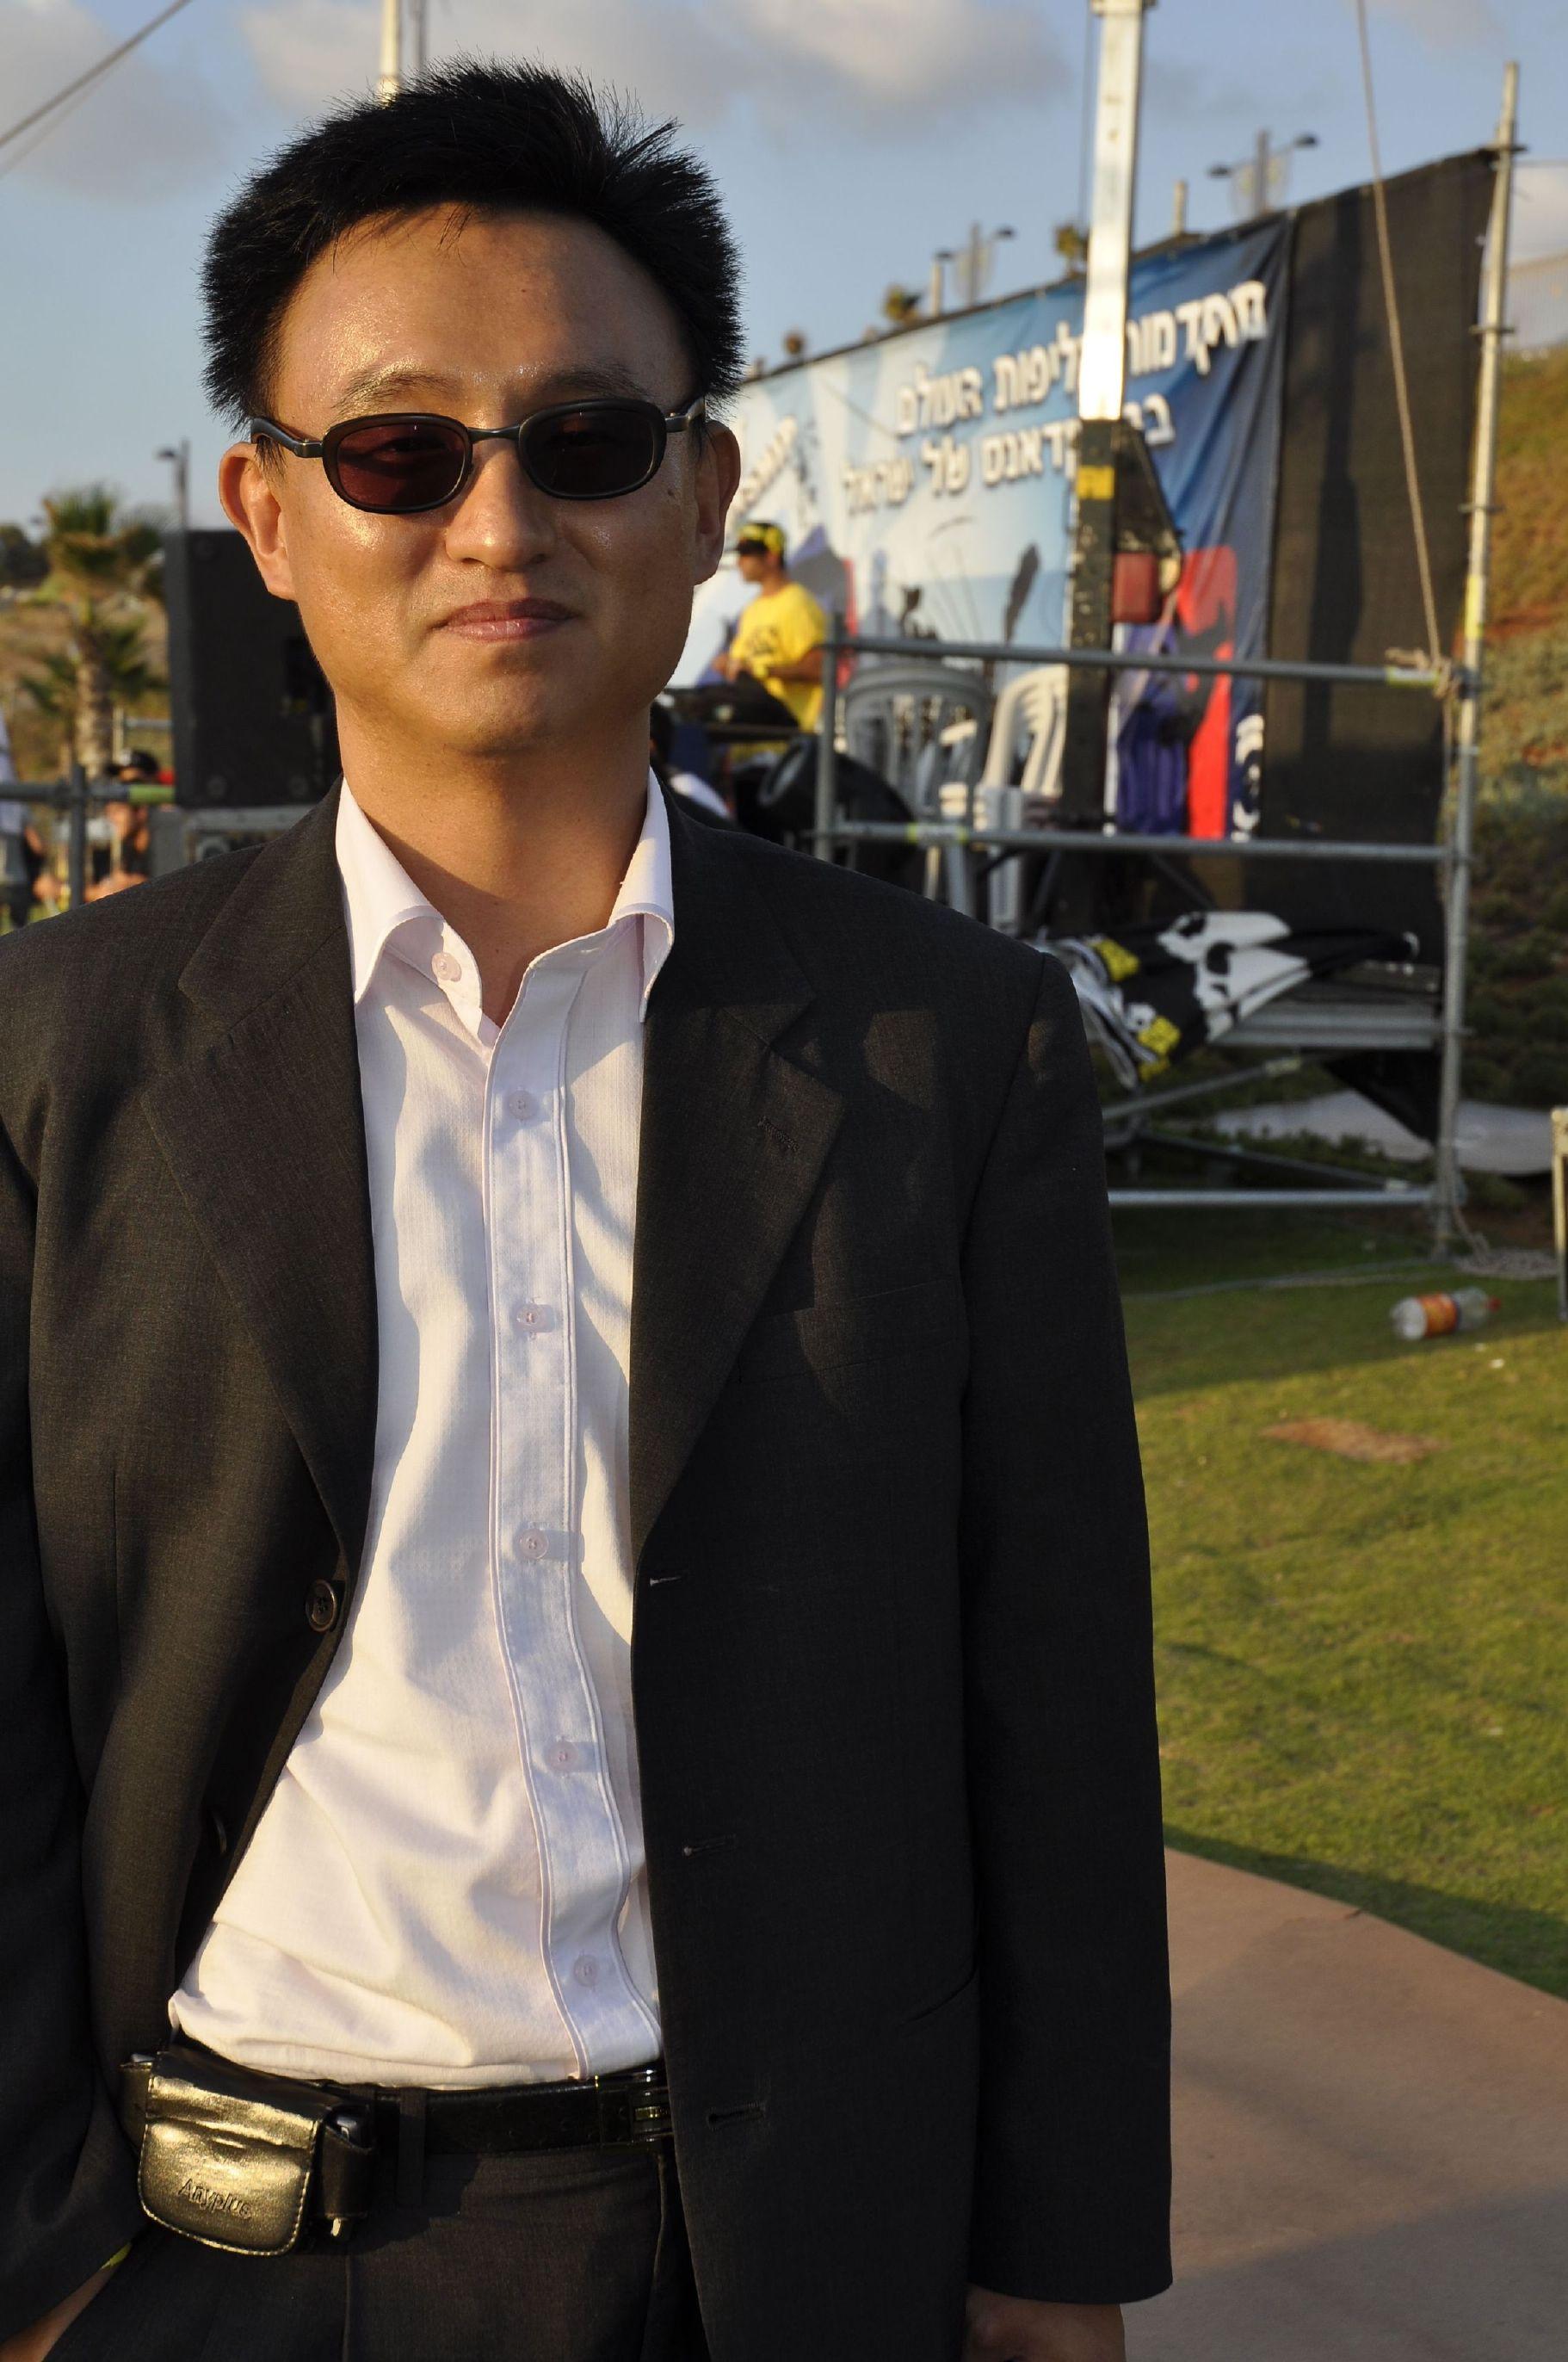 BOTY 2009 (5)